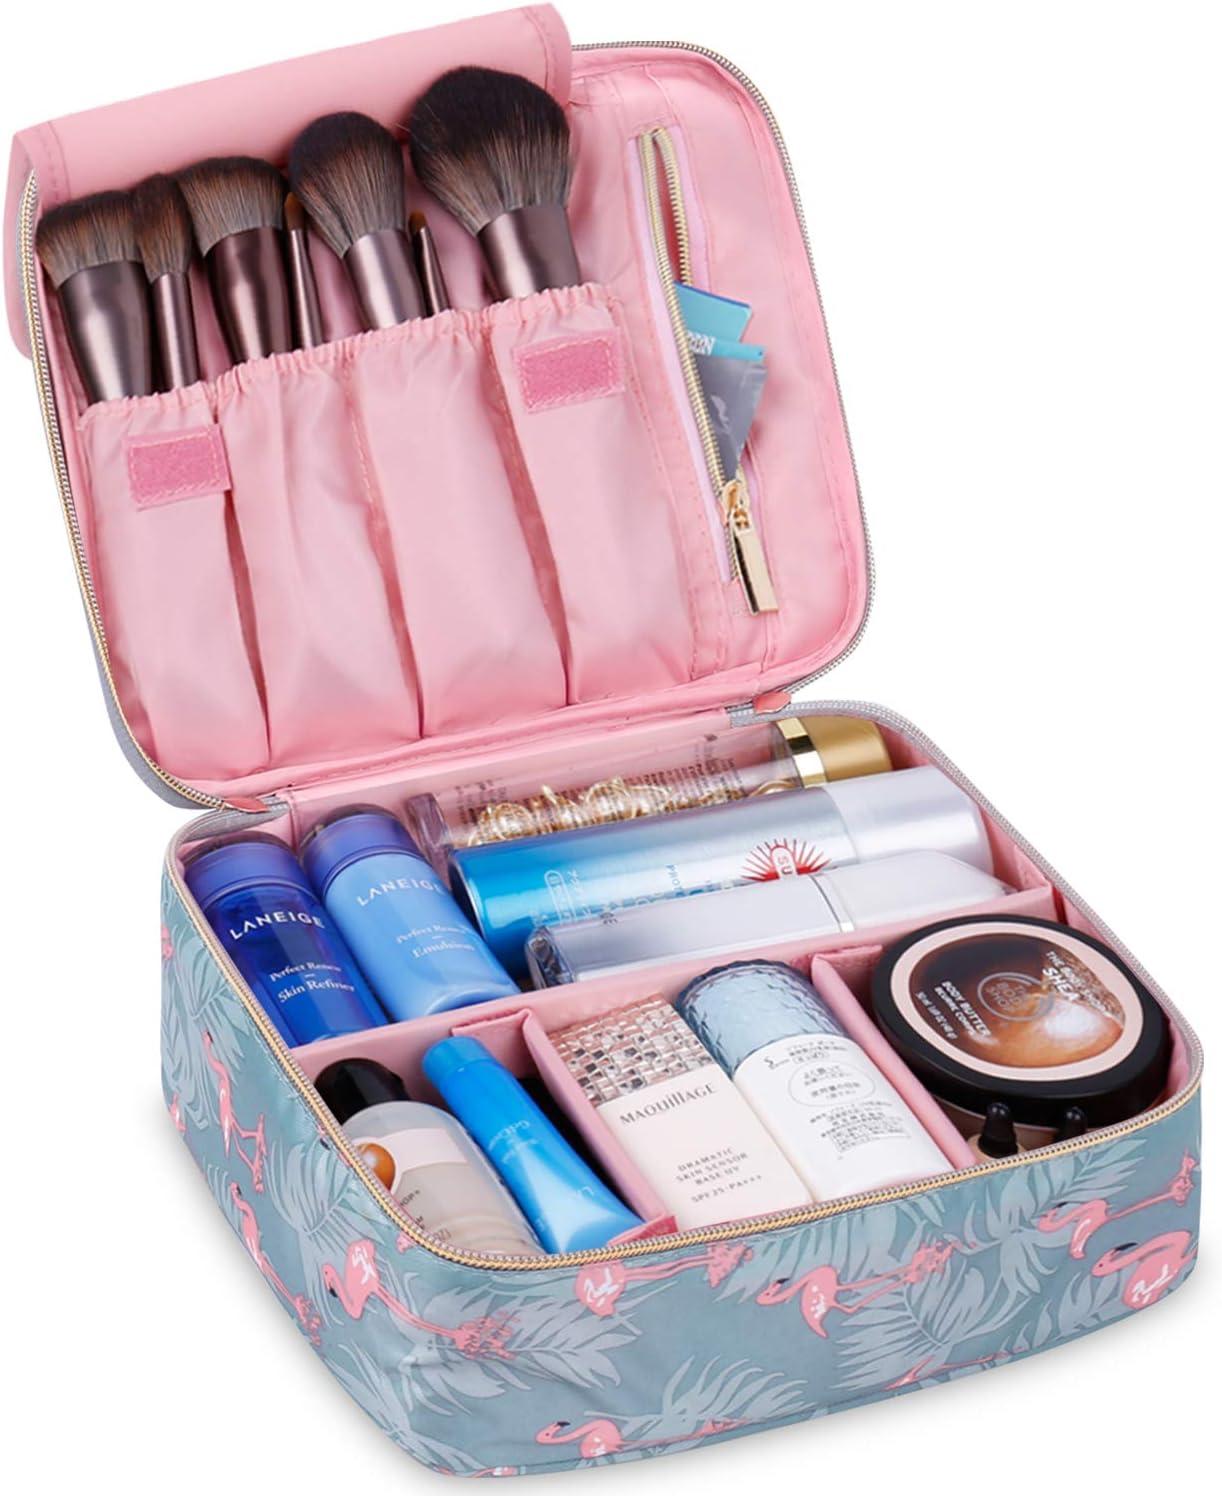 Neceser de viaje para maquillaje, organizador grande para mujeres y niñas